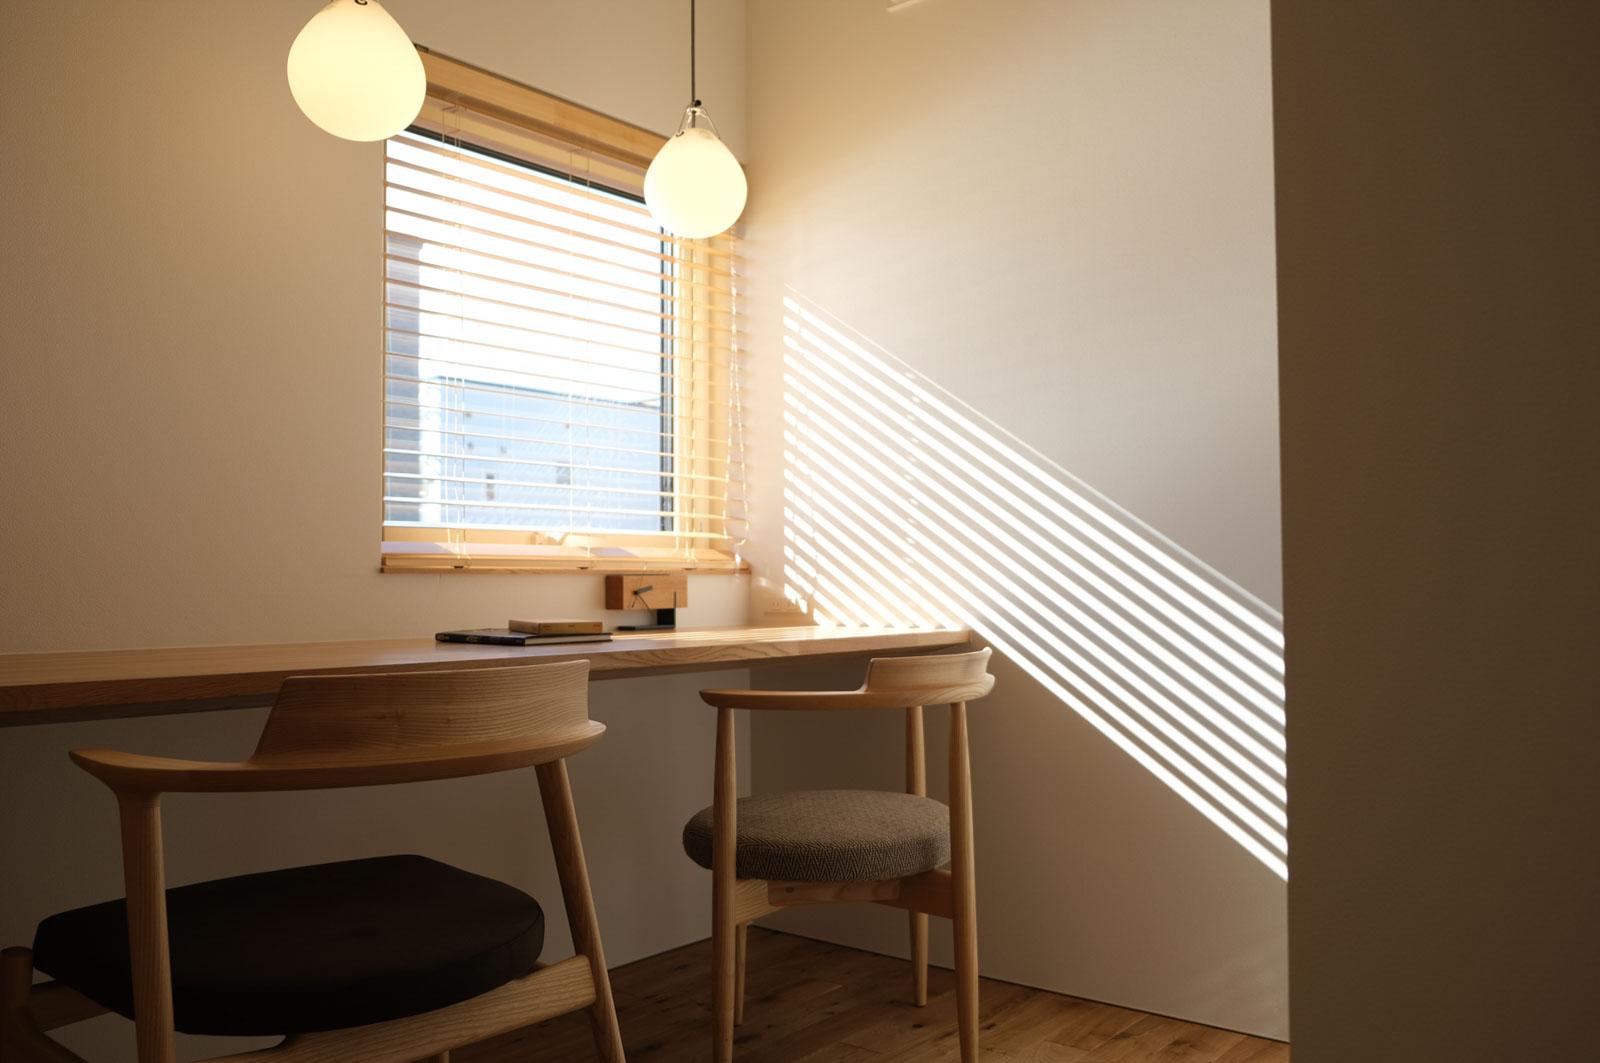 リビングの奥には、家族で使える書斎がある。造作カウンターの窓からは、中庭が見下ろせる。背面には造作書棚も設置